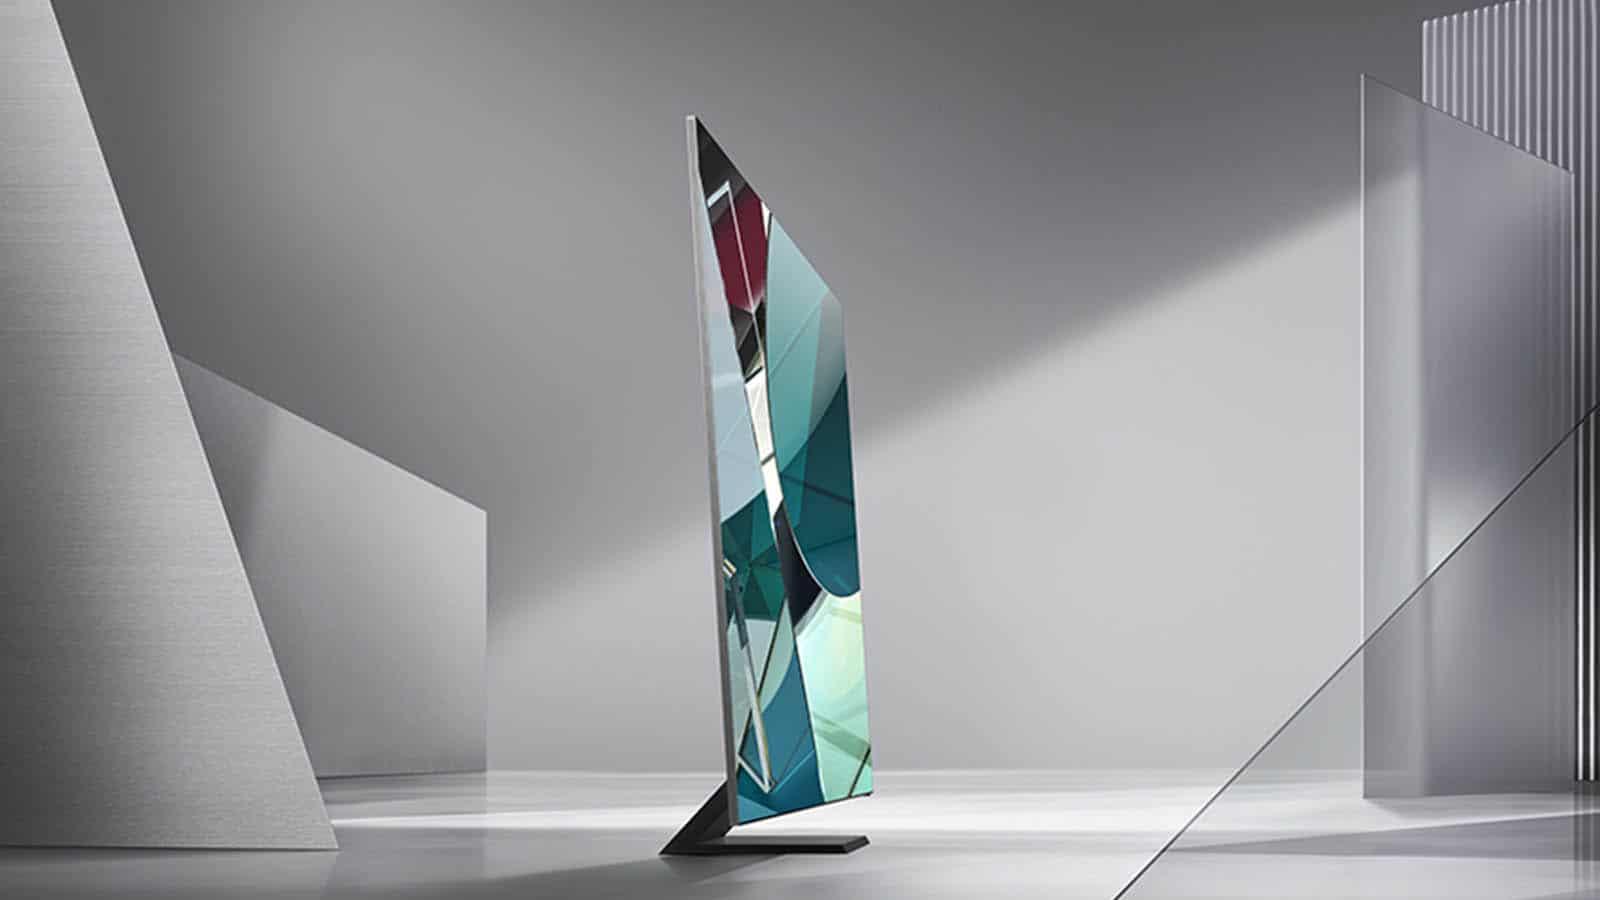 samsung 8k qled smart tv